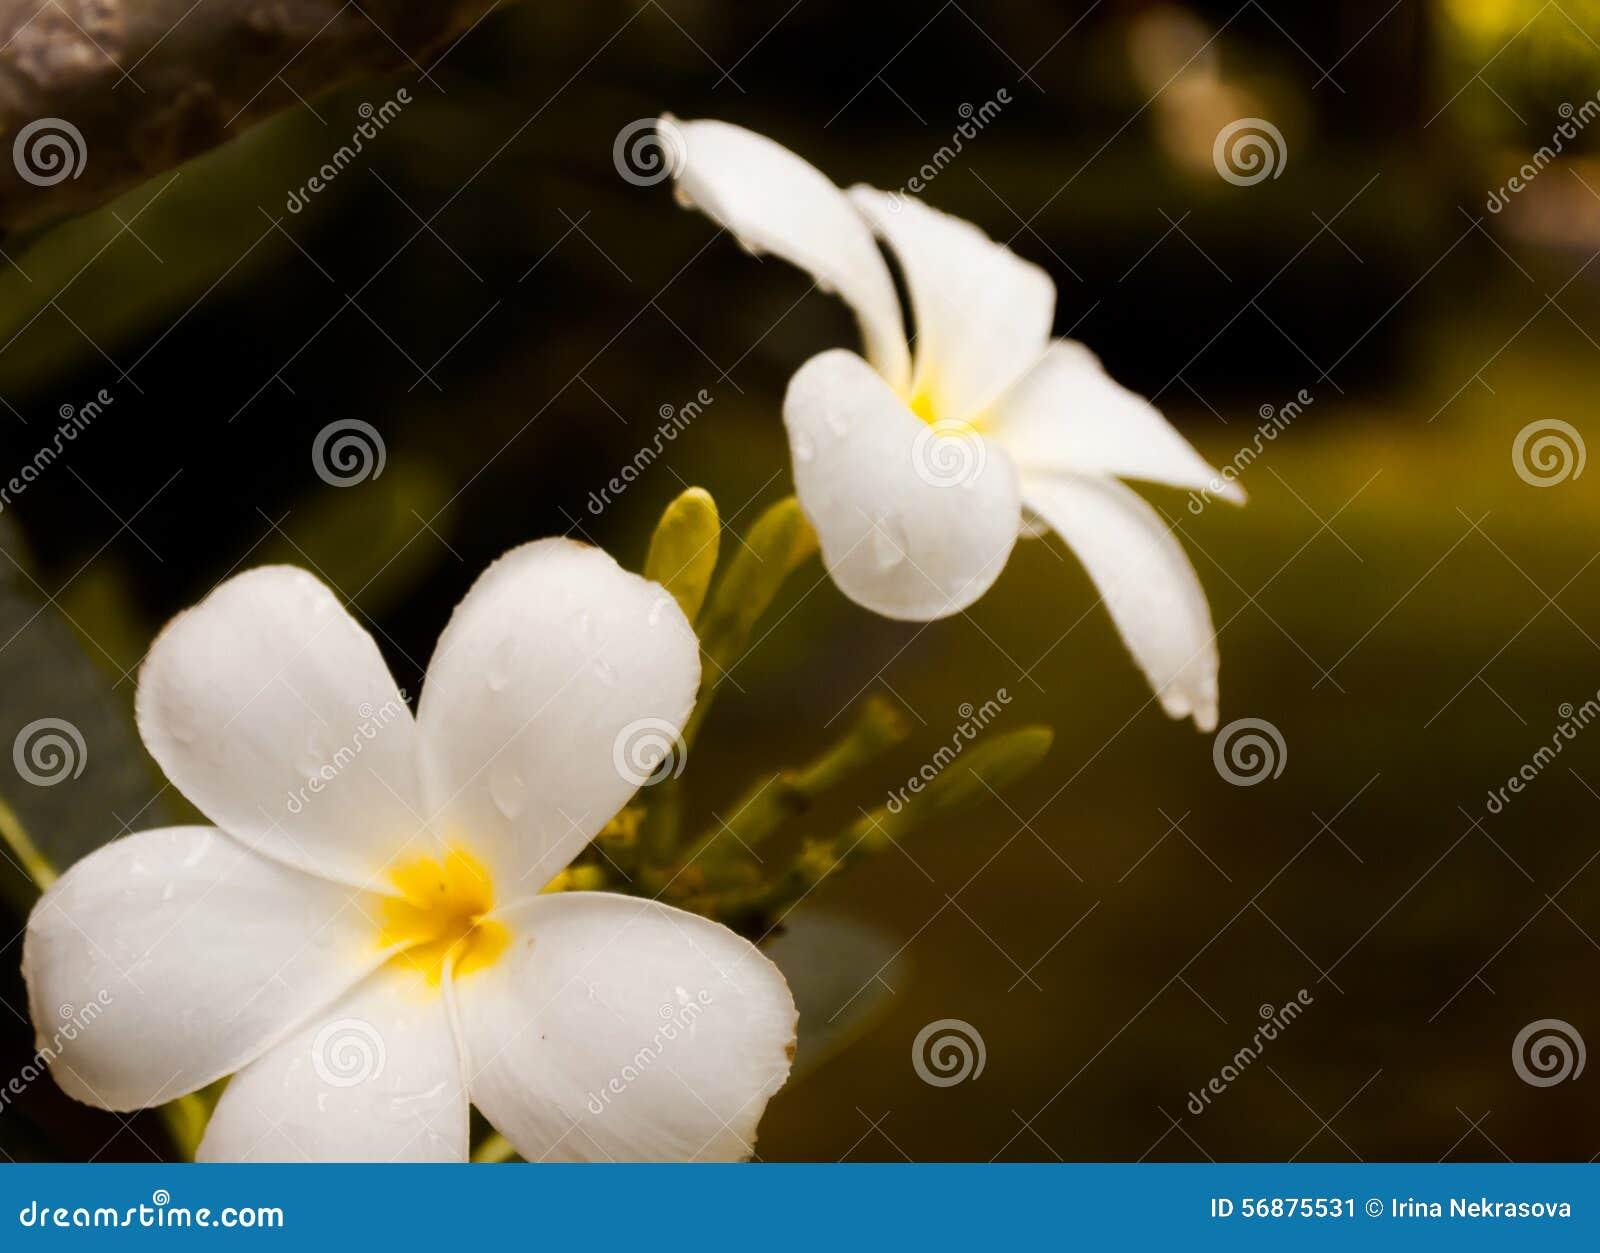 Białych kwiatów plumeria z deszcz kroplą